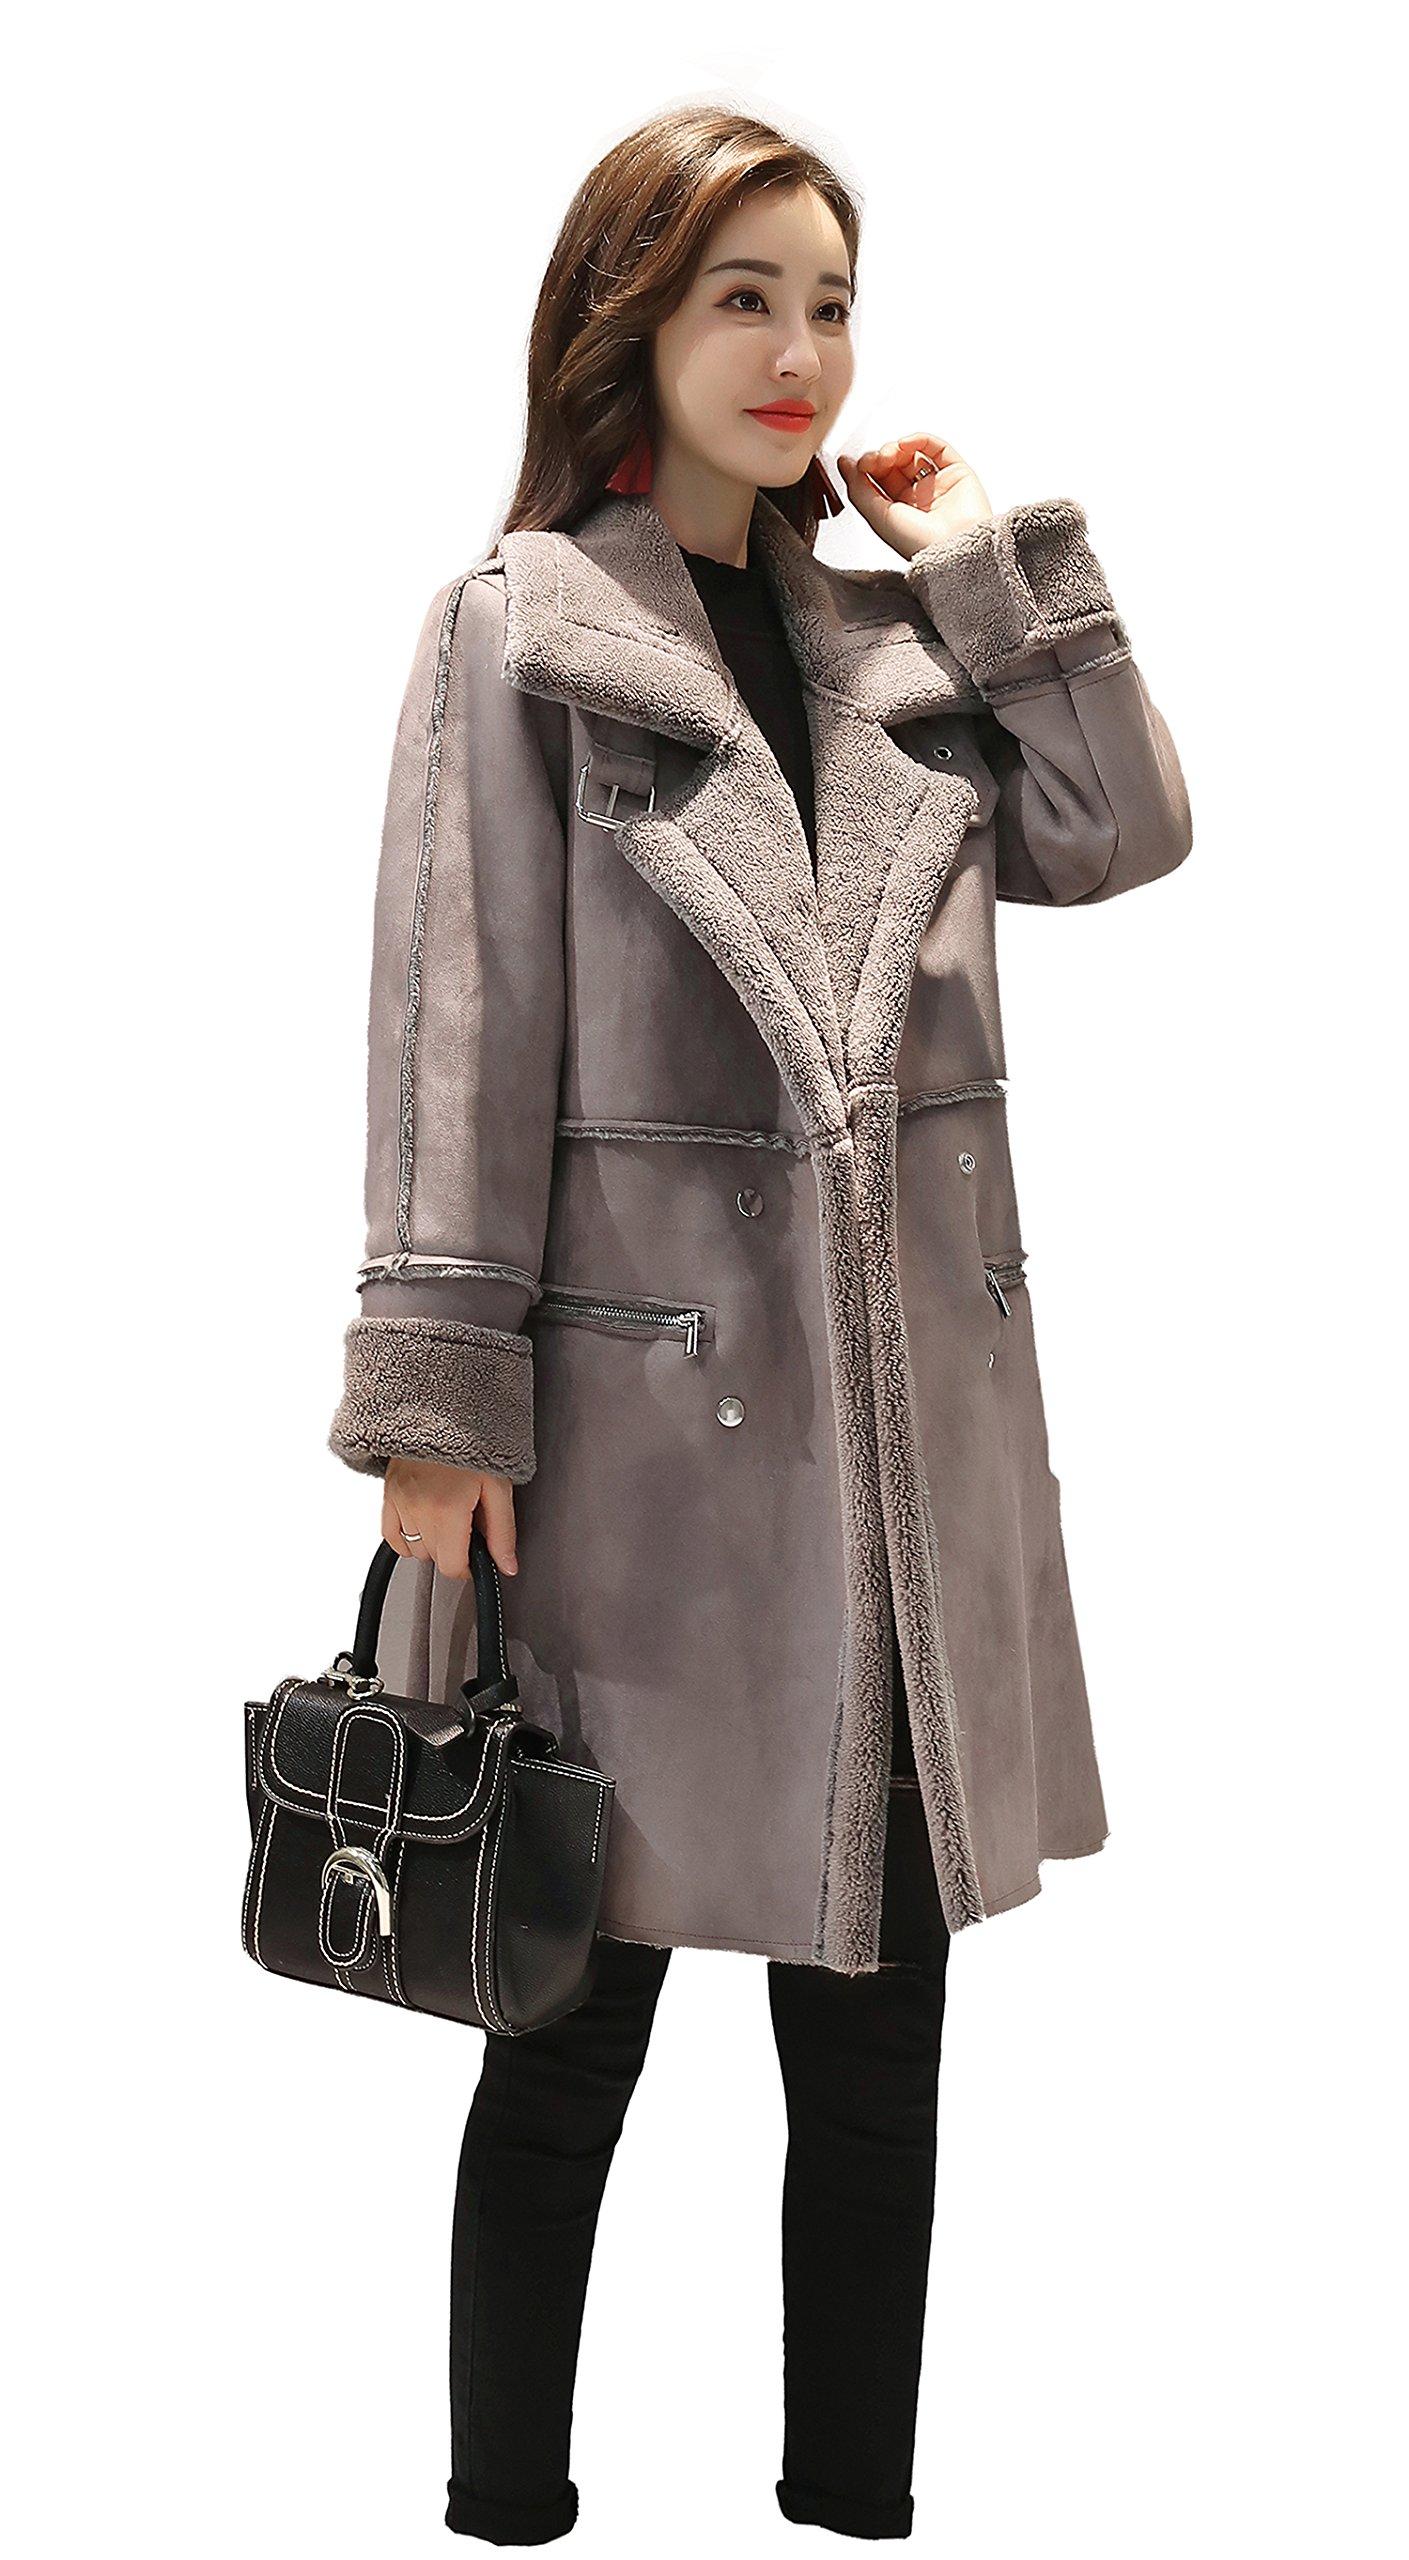 Shineflow Women's Lapel Faux Fur Fleece Lined Parka Warm Winter Shearling Coat Leather Jacket ,Grey,Large